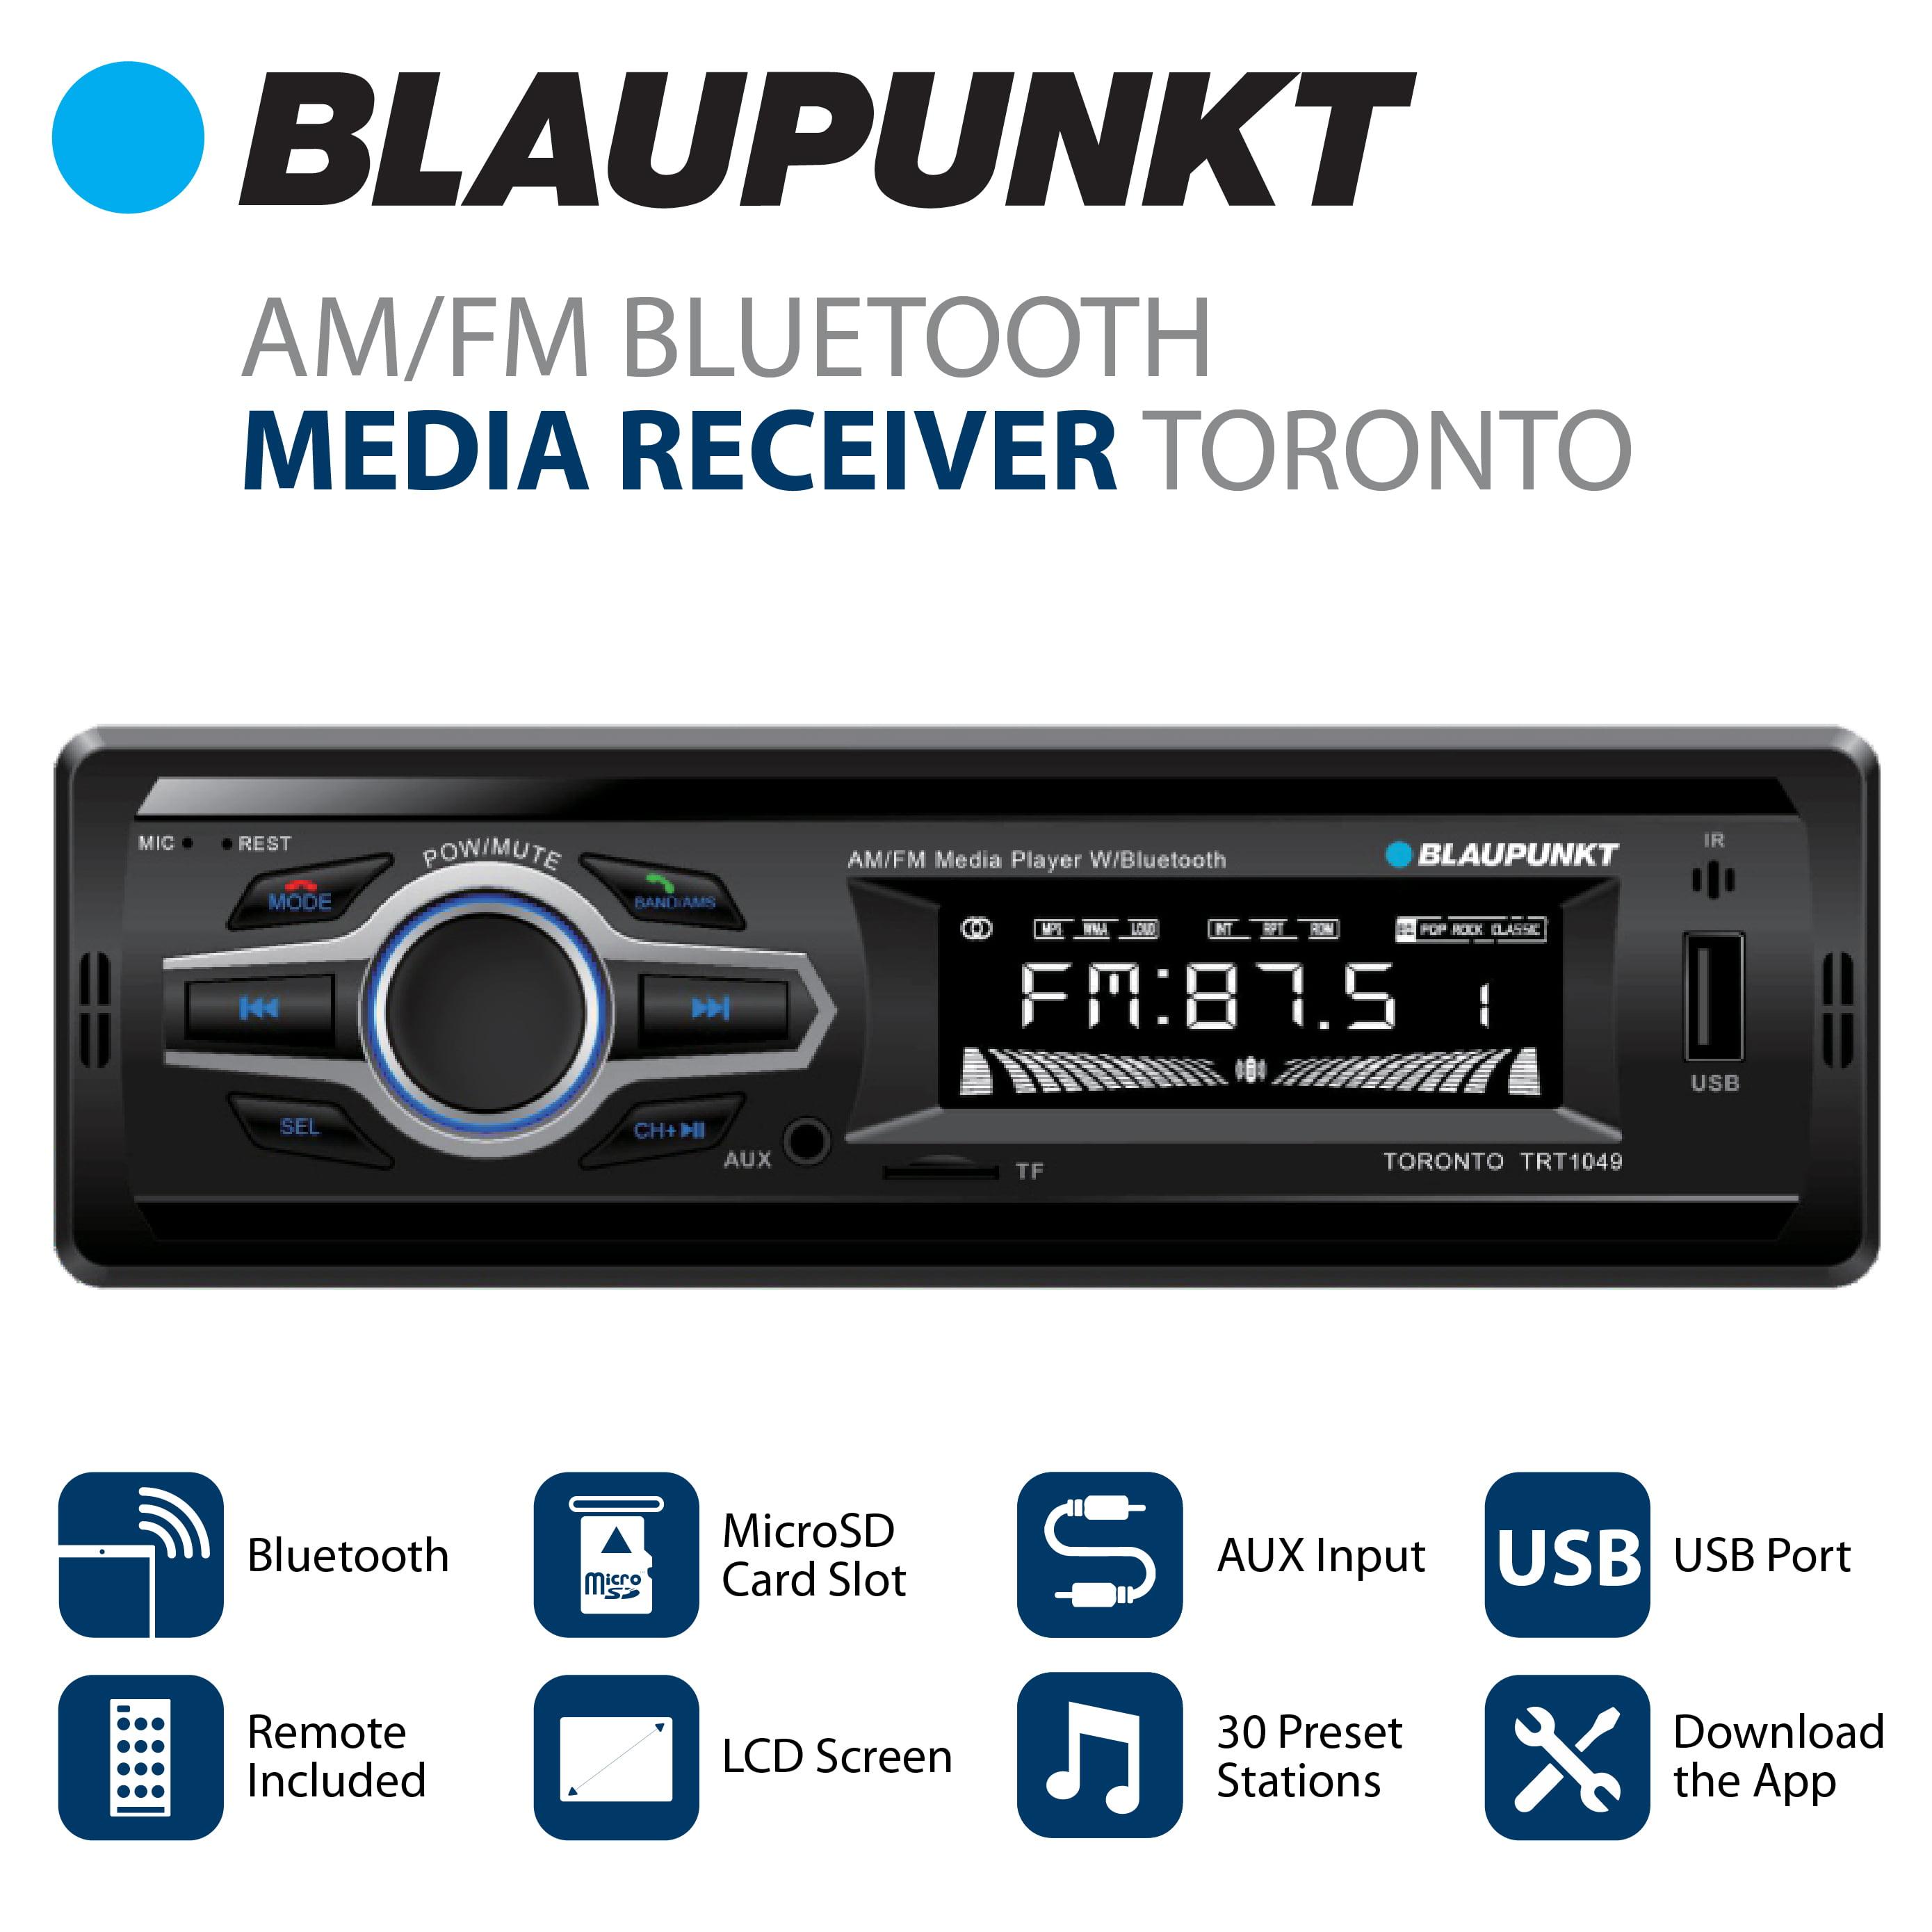 Blaupunkt AM/FM Bluetooth Media Receiver - Toronto - Walmart com